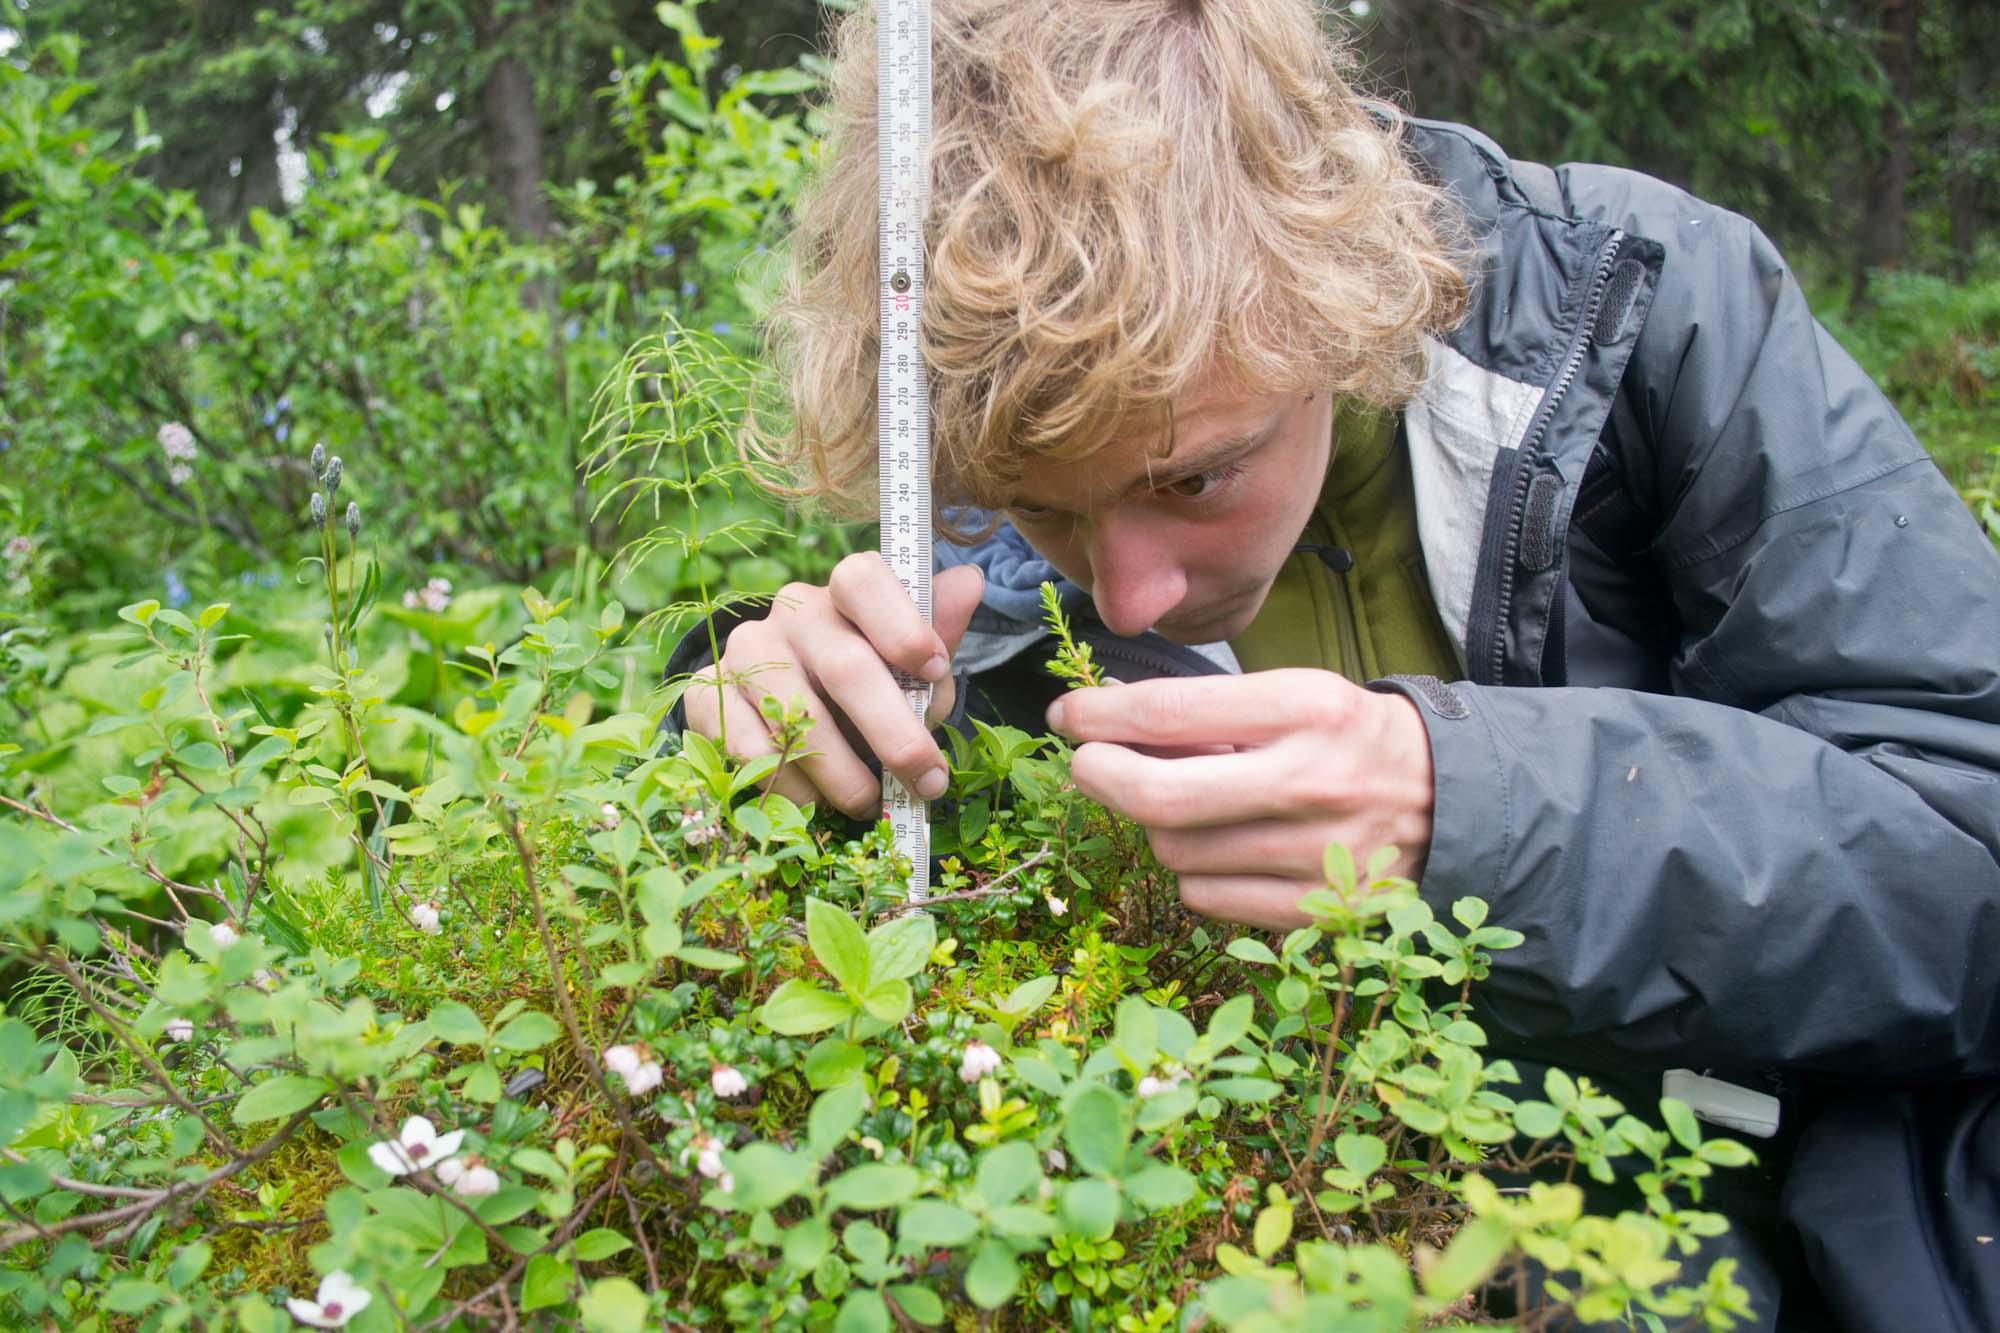 Collecting data in plot MT5. Plants in the foreground include  alpine blueberry (Vaccinium uliginosum) , lingonberry (Vaccinium vitis-ideae), bunchberry (Cornus canadensis),  and crowberry (Empetrum nigrum)